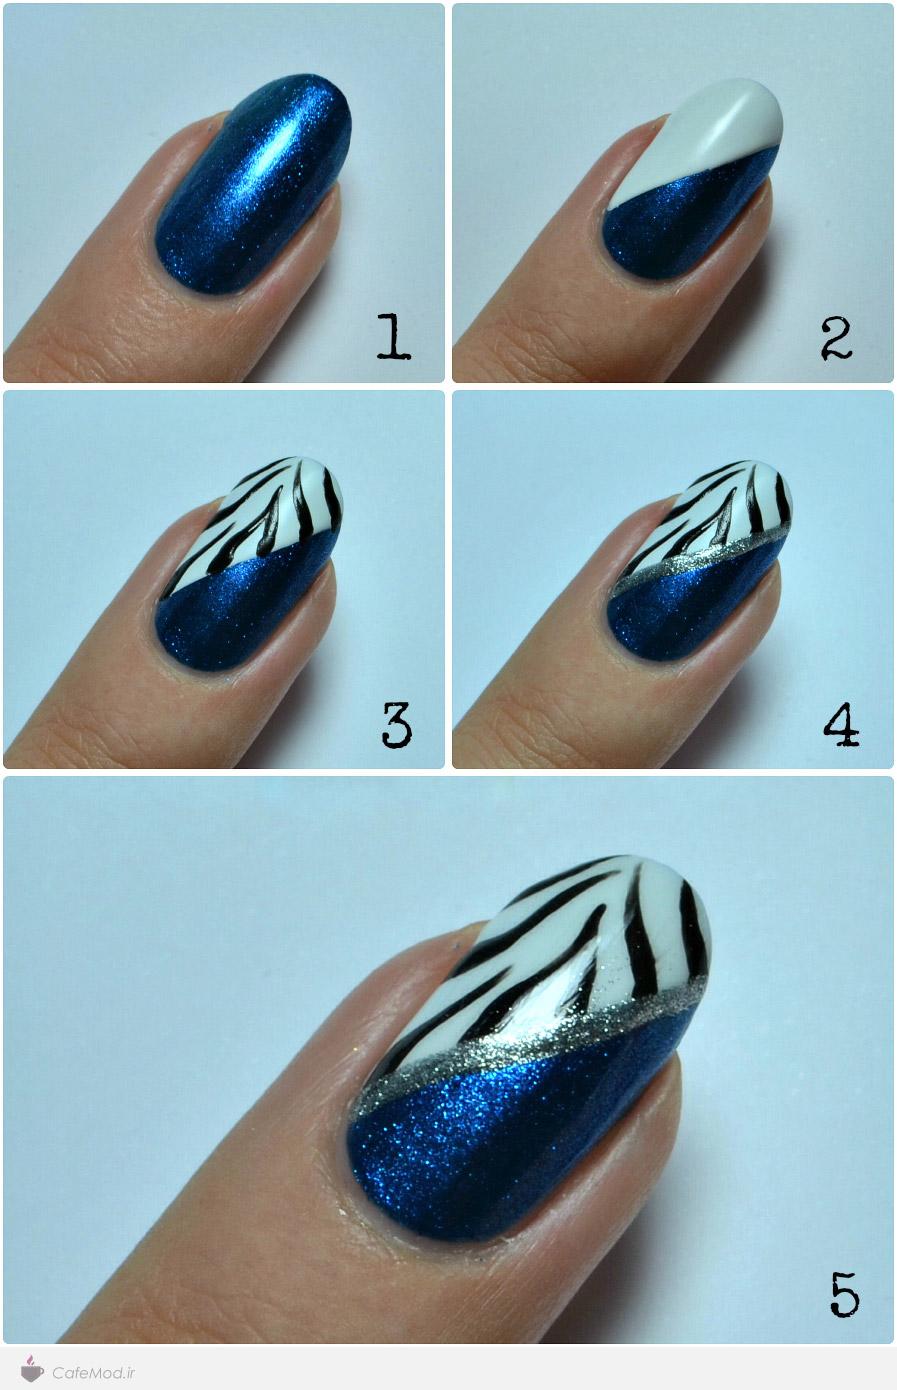 آموزش طرح زیبا روی ناخن